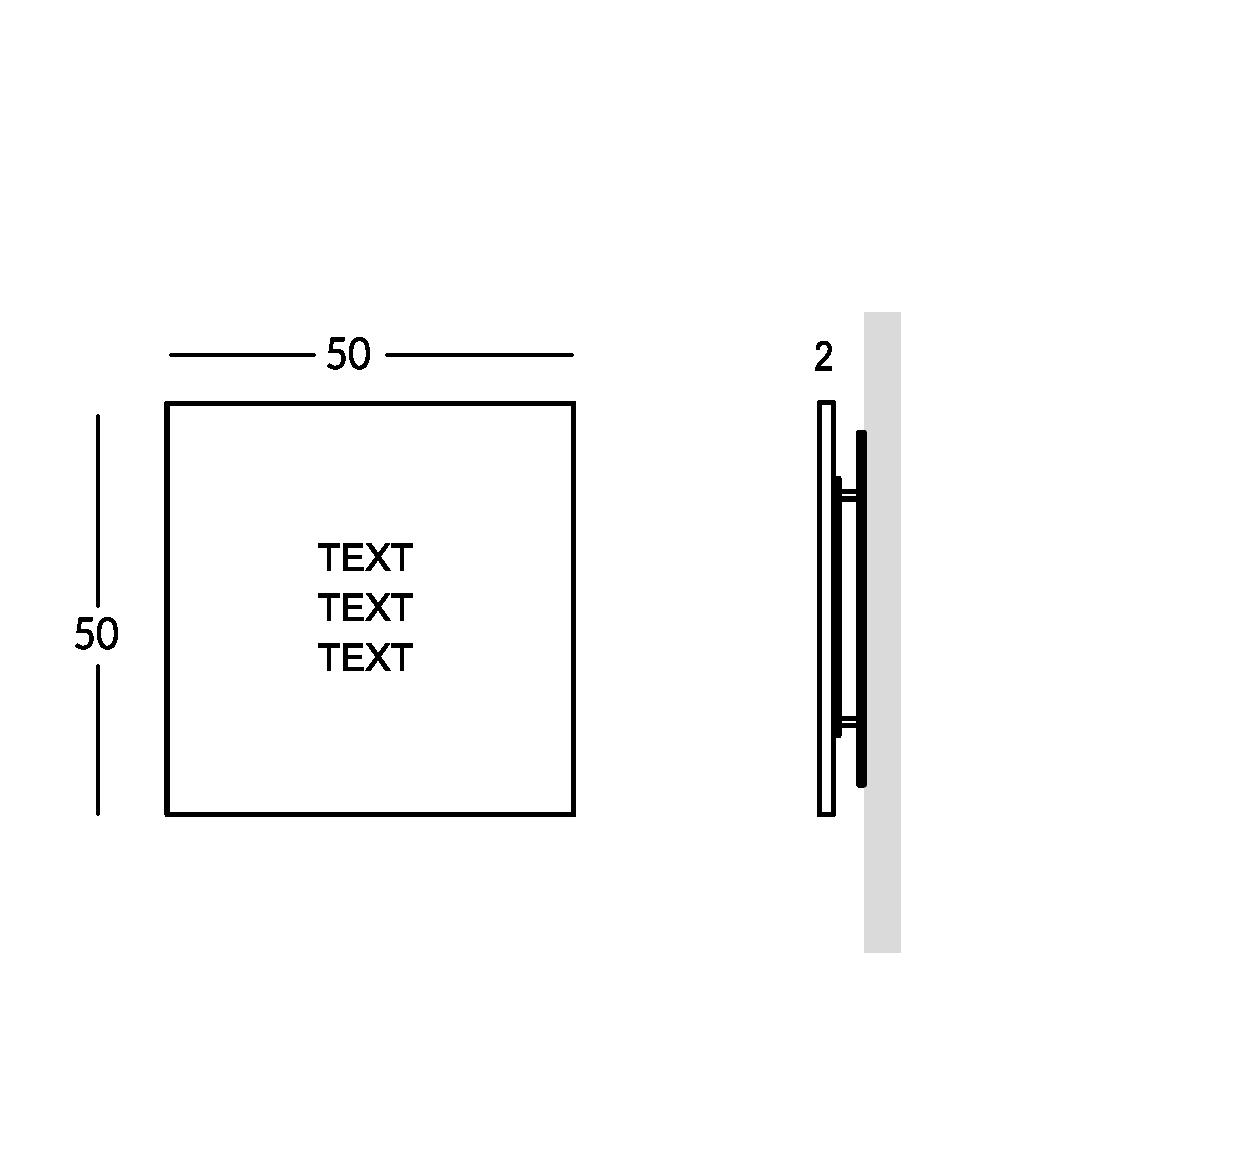 Señalización en plexiglas con letras grabadas. Versión mediana.